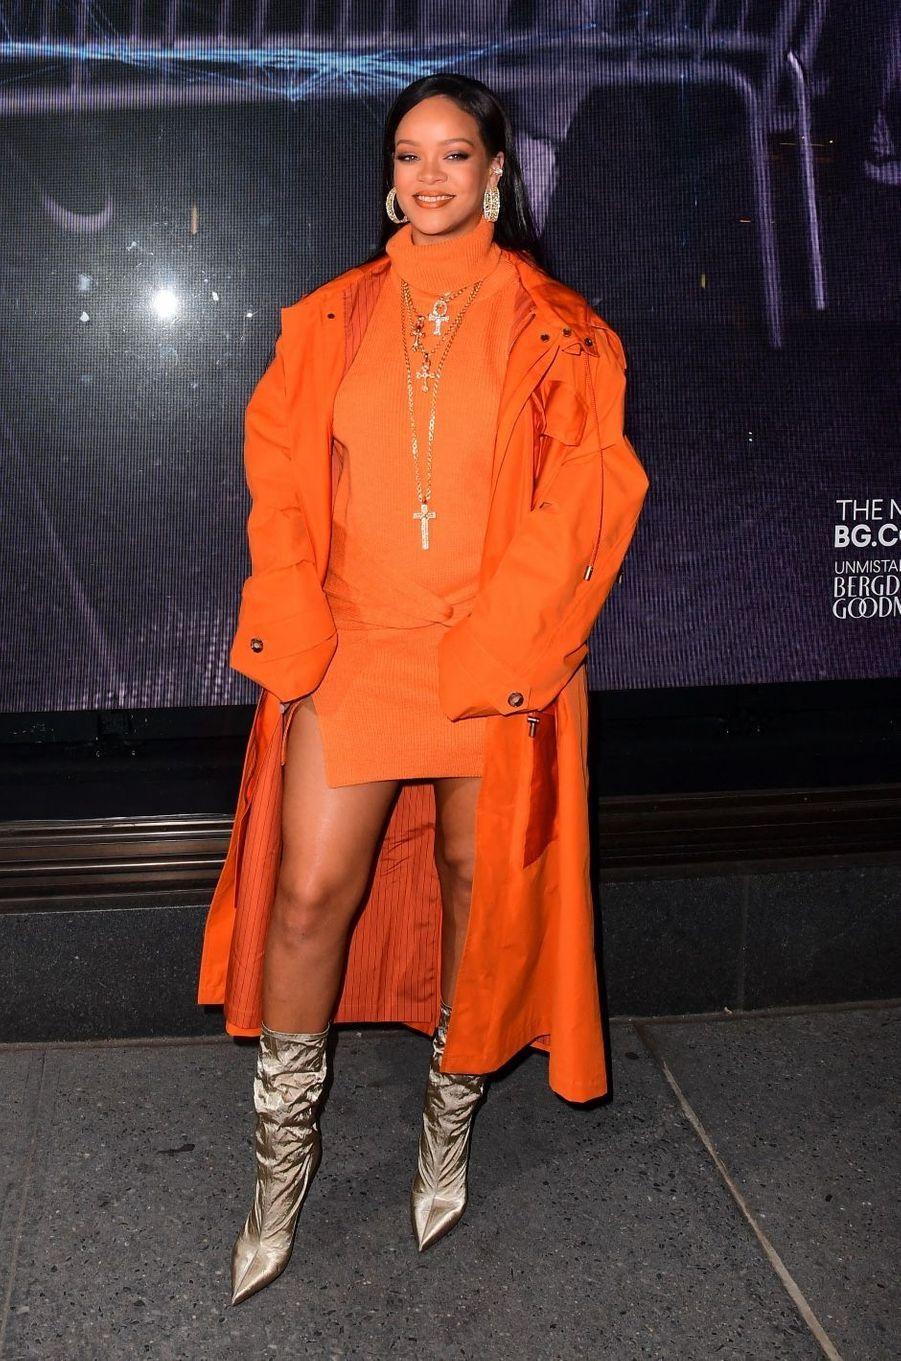 Nommée «personnalité humanitaire» de 2017 par l'université Harvard, Rihanna finance par le bais de son association Clara-Lionel un centre permettant de traiter le cancer du sein mais aussi des subventions pour les jeunes Caribéens rêvant d'étudier aux Etats-Unis. Cette même année, elle a rencontré Emmanuel Macron afin de discuter de l'éducation des enfants dans les pays en voie de développement.